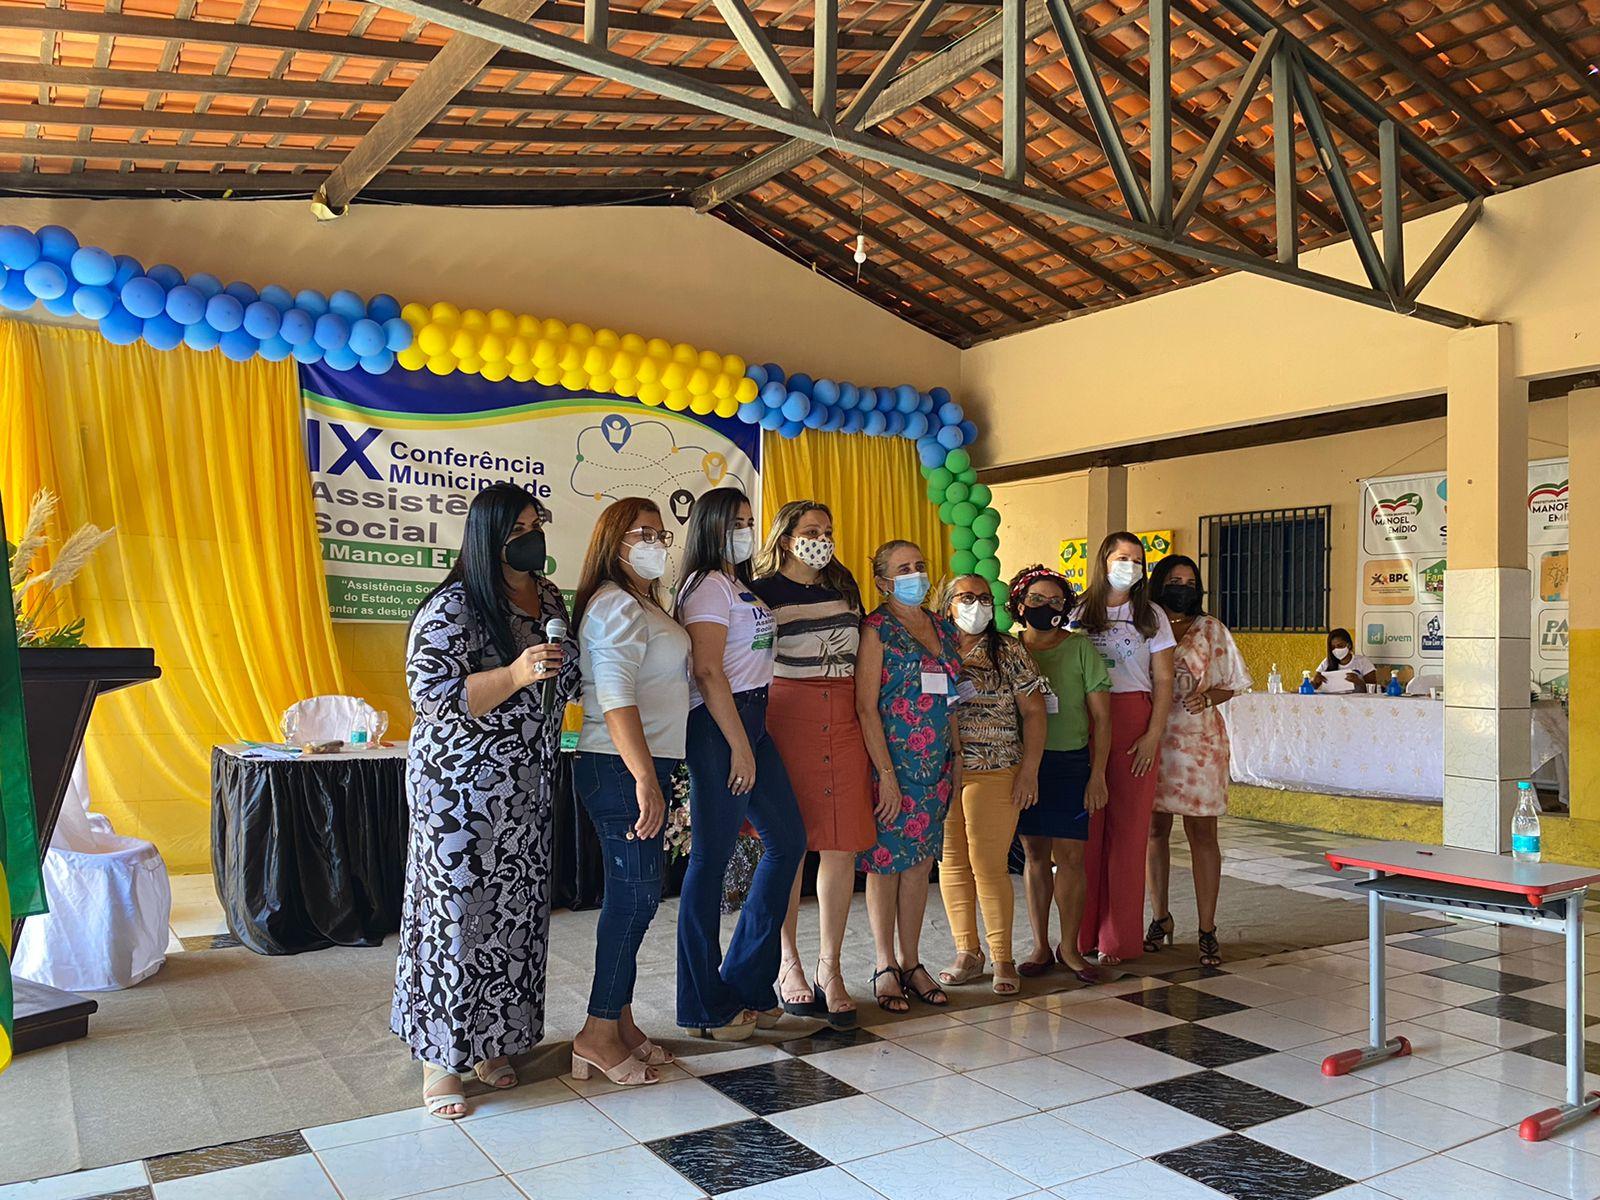 SEMAS realiza 9ª edição da Conferência Municipal de Assistência Social - Imagem 6